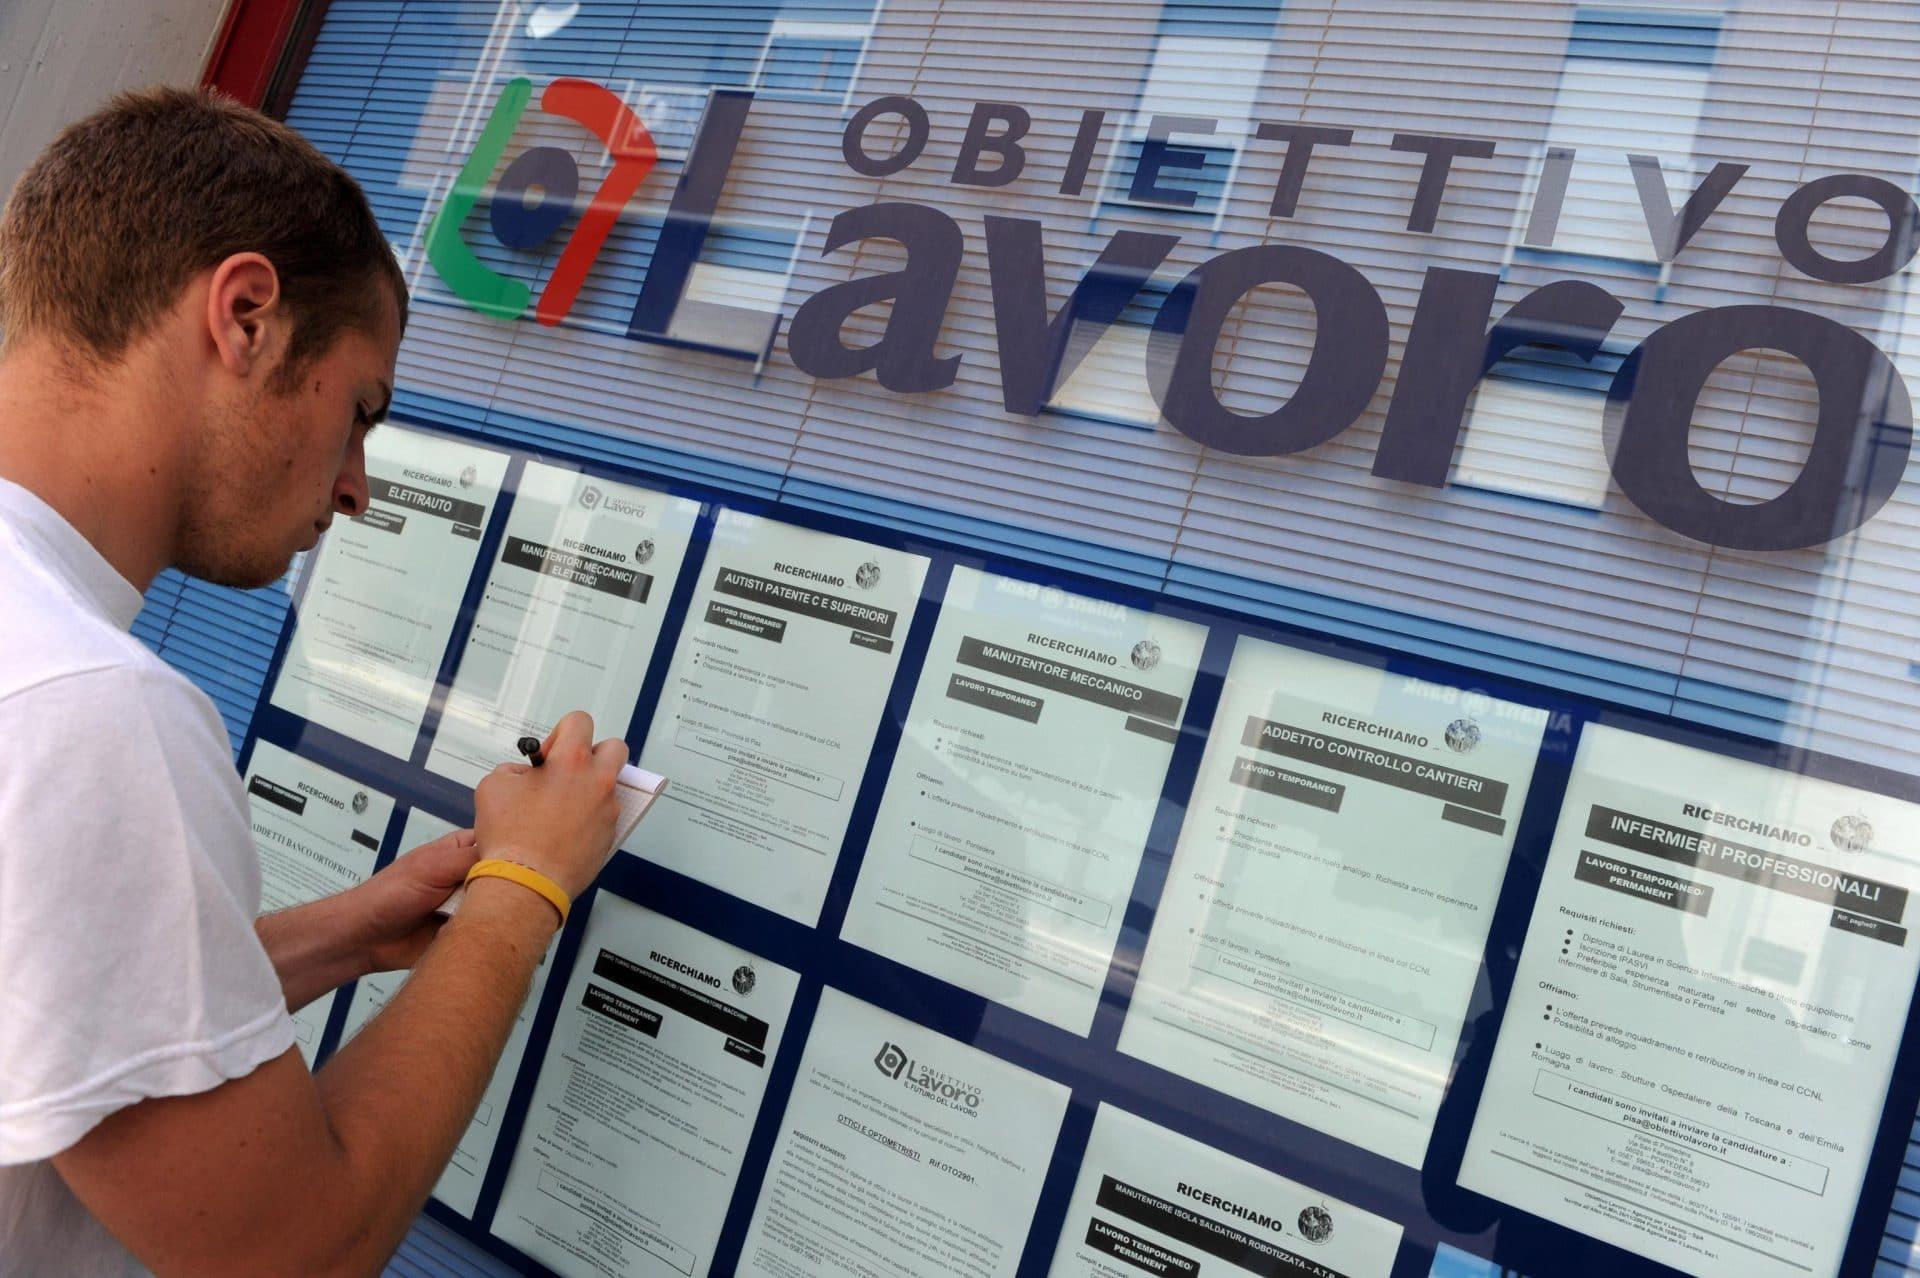 Lavoro:+25 mila occupati primo trimestre - Ultima Ora